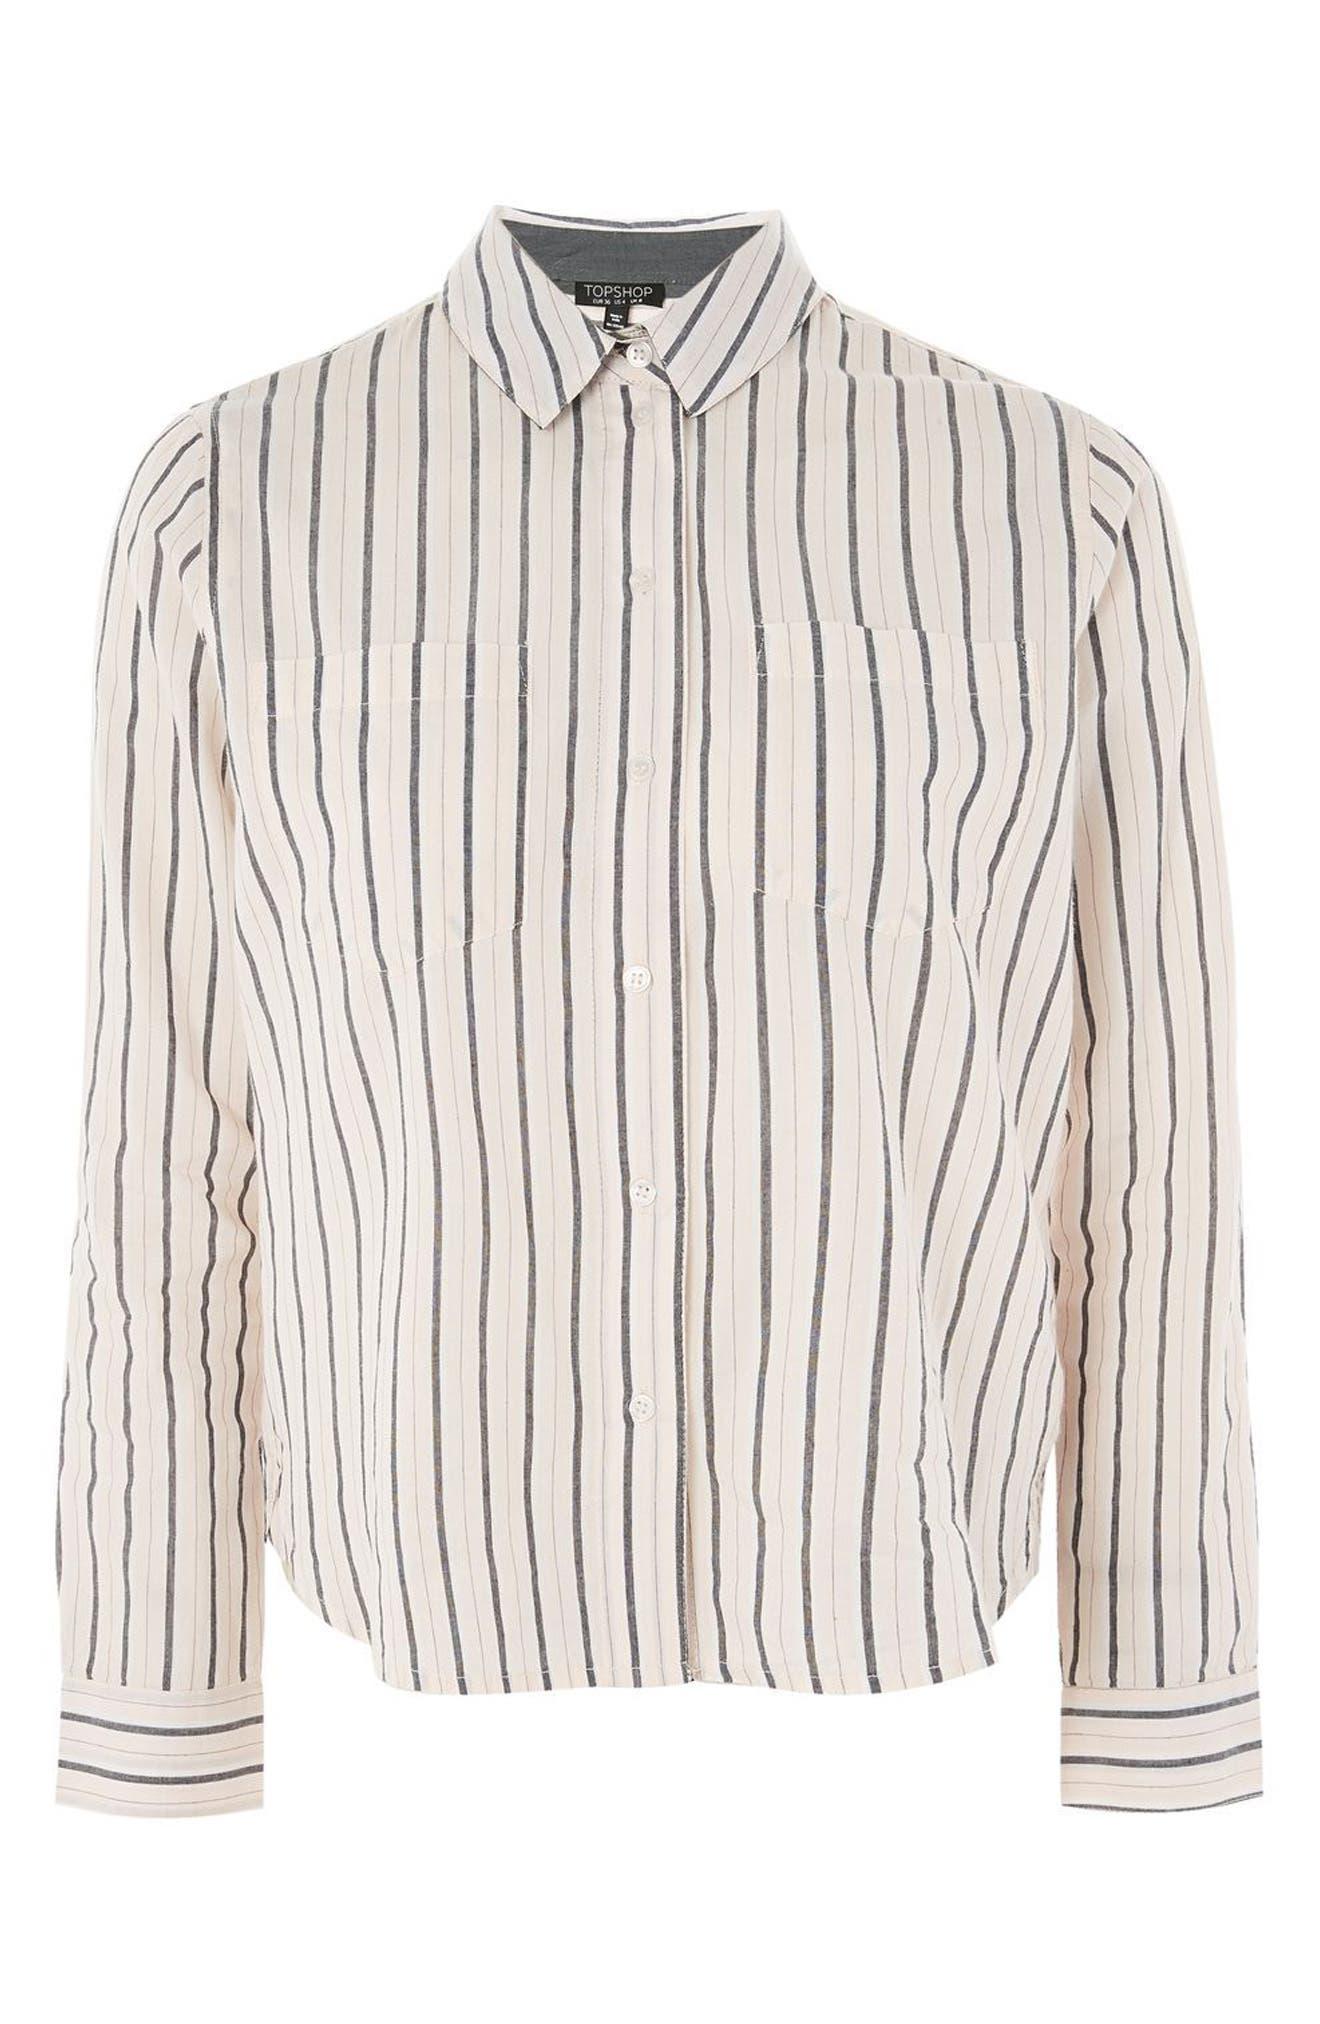 Stripe Shirt,                             Alternate thumbnail 3, color,                             650